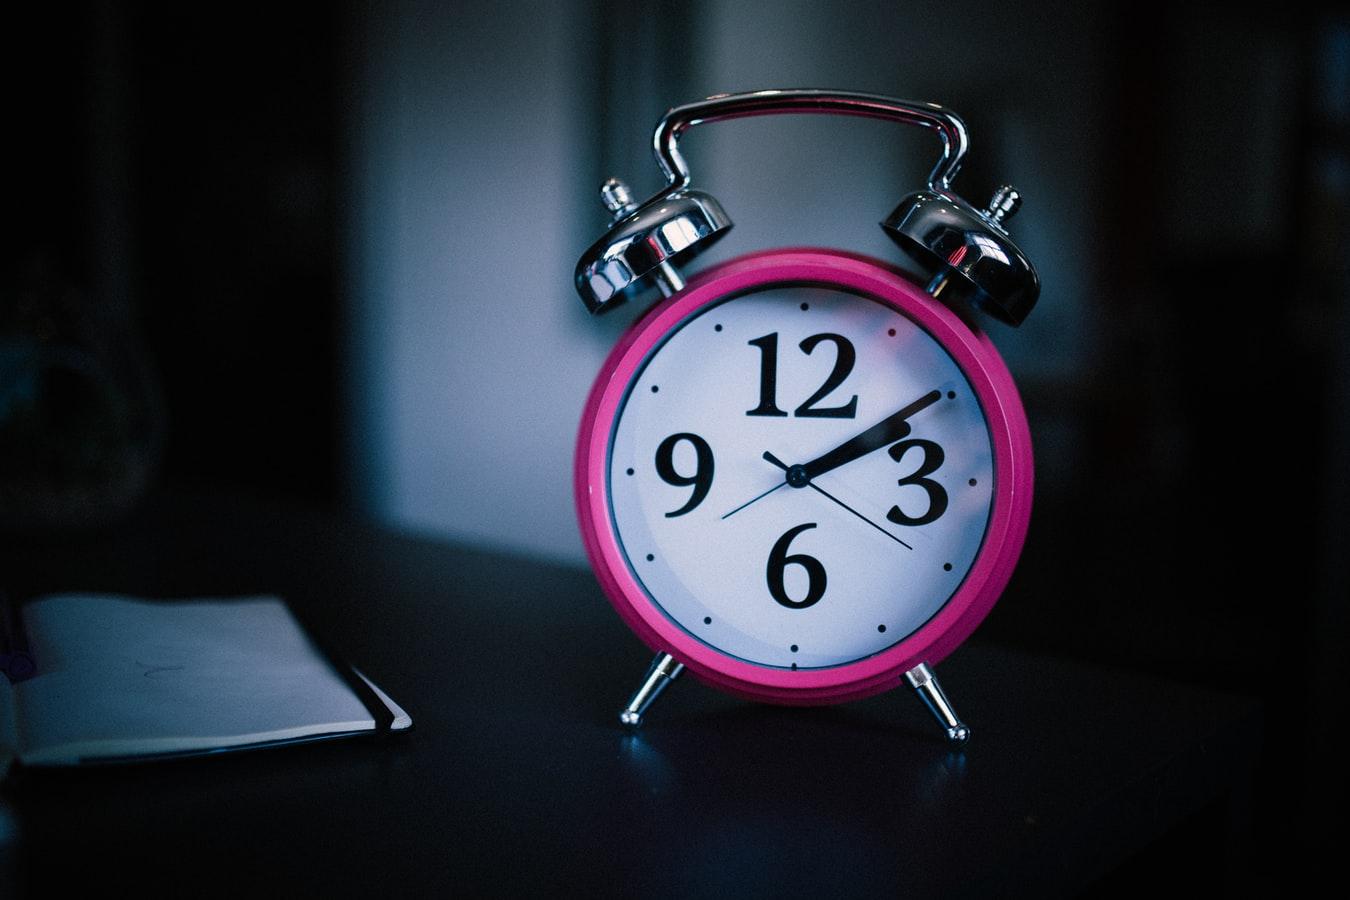 グラマラスパッツは寝る時に履くのが効果的な理由とビフォーアフター画像